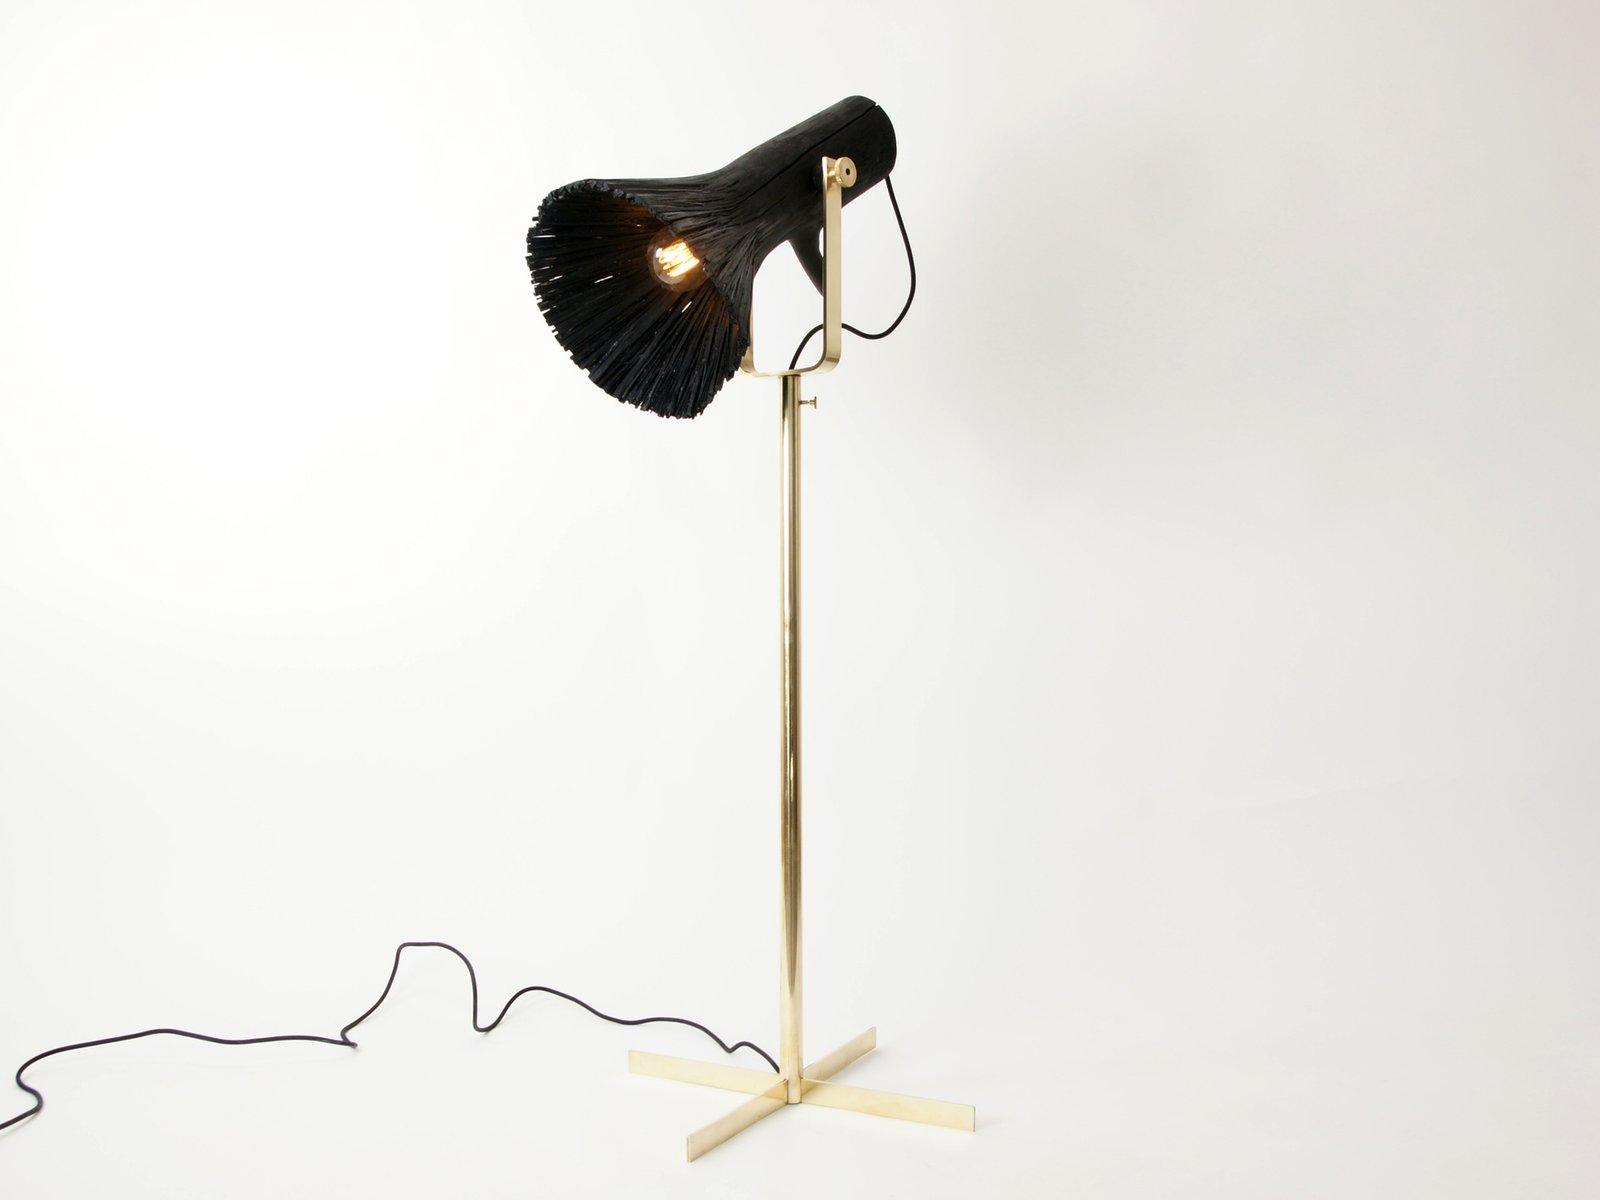 Pressed Wood Stehlampe von Johannes Hemann